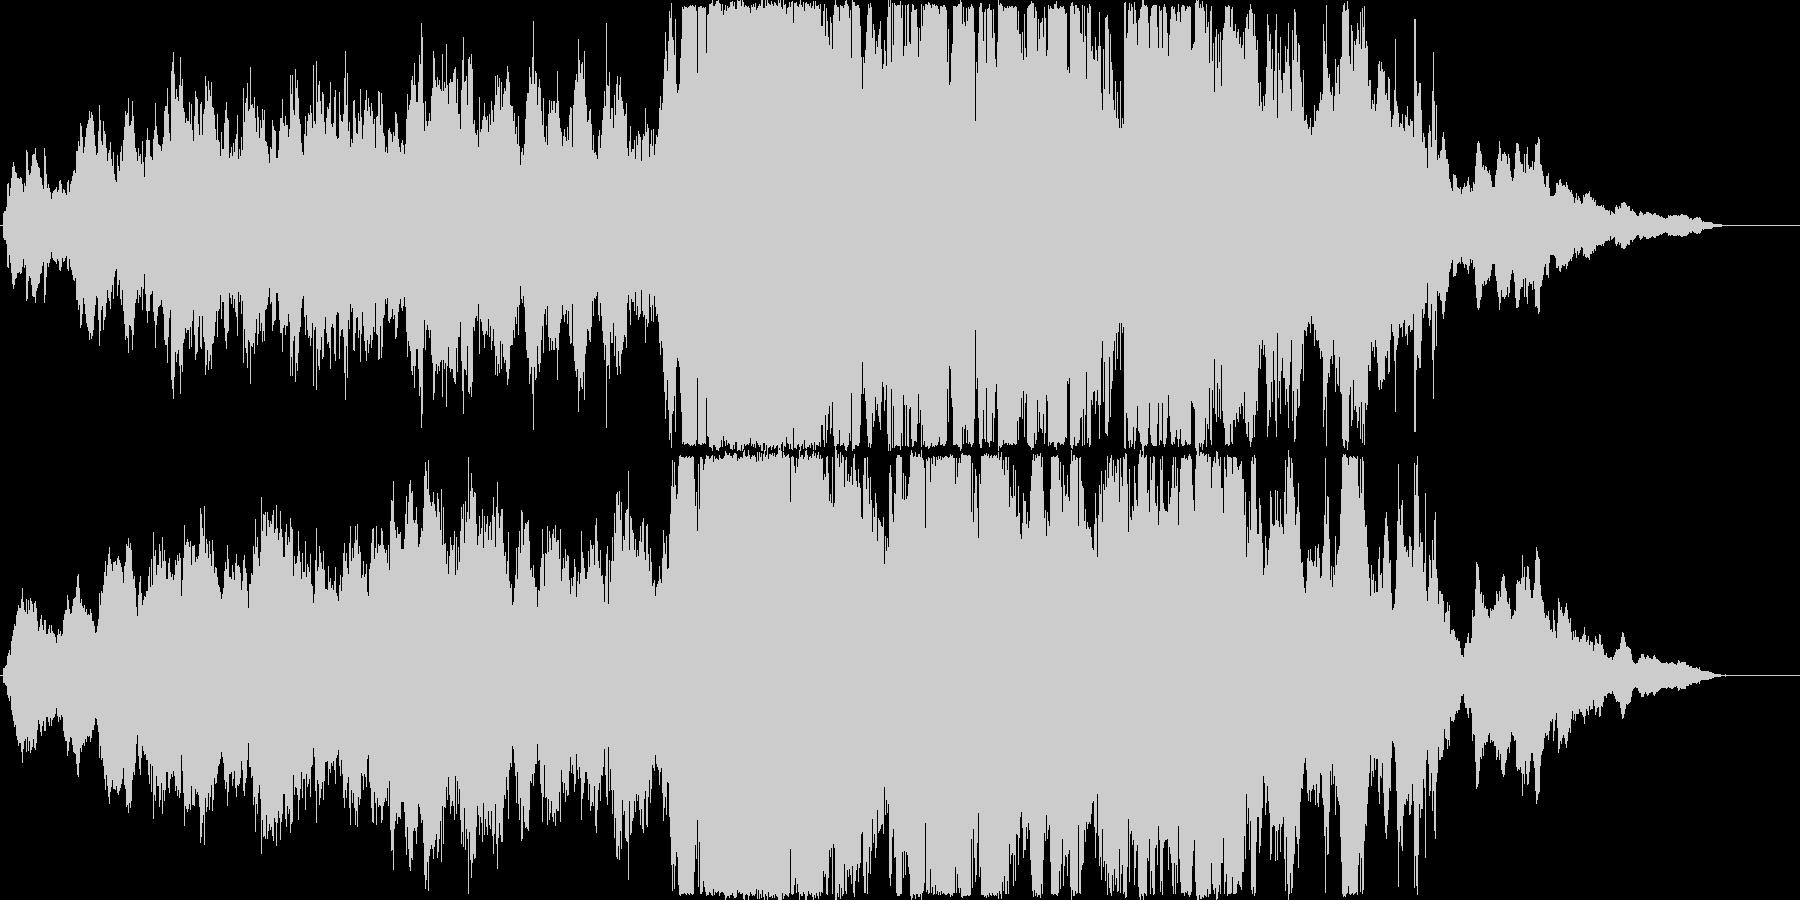 オーケストラによる重厚でダークなアンセ…の未再生の波形